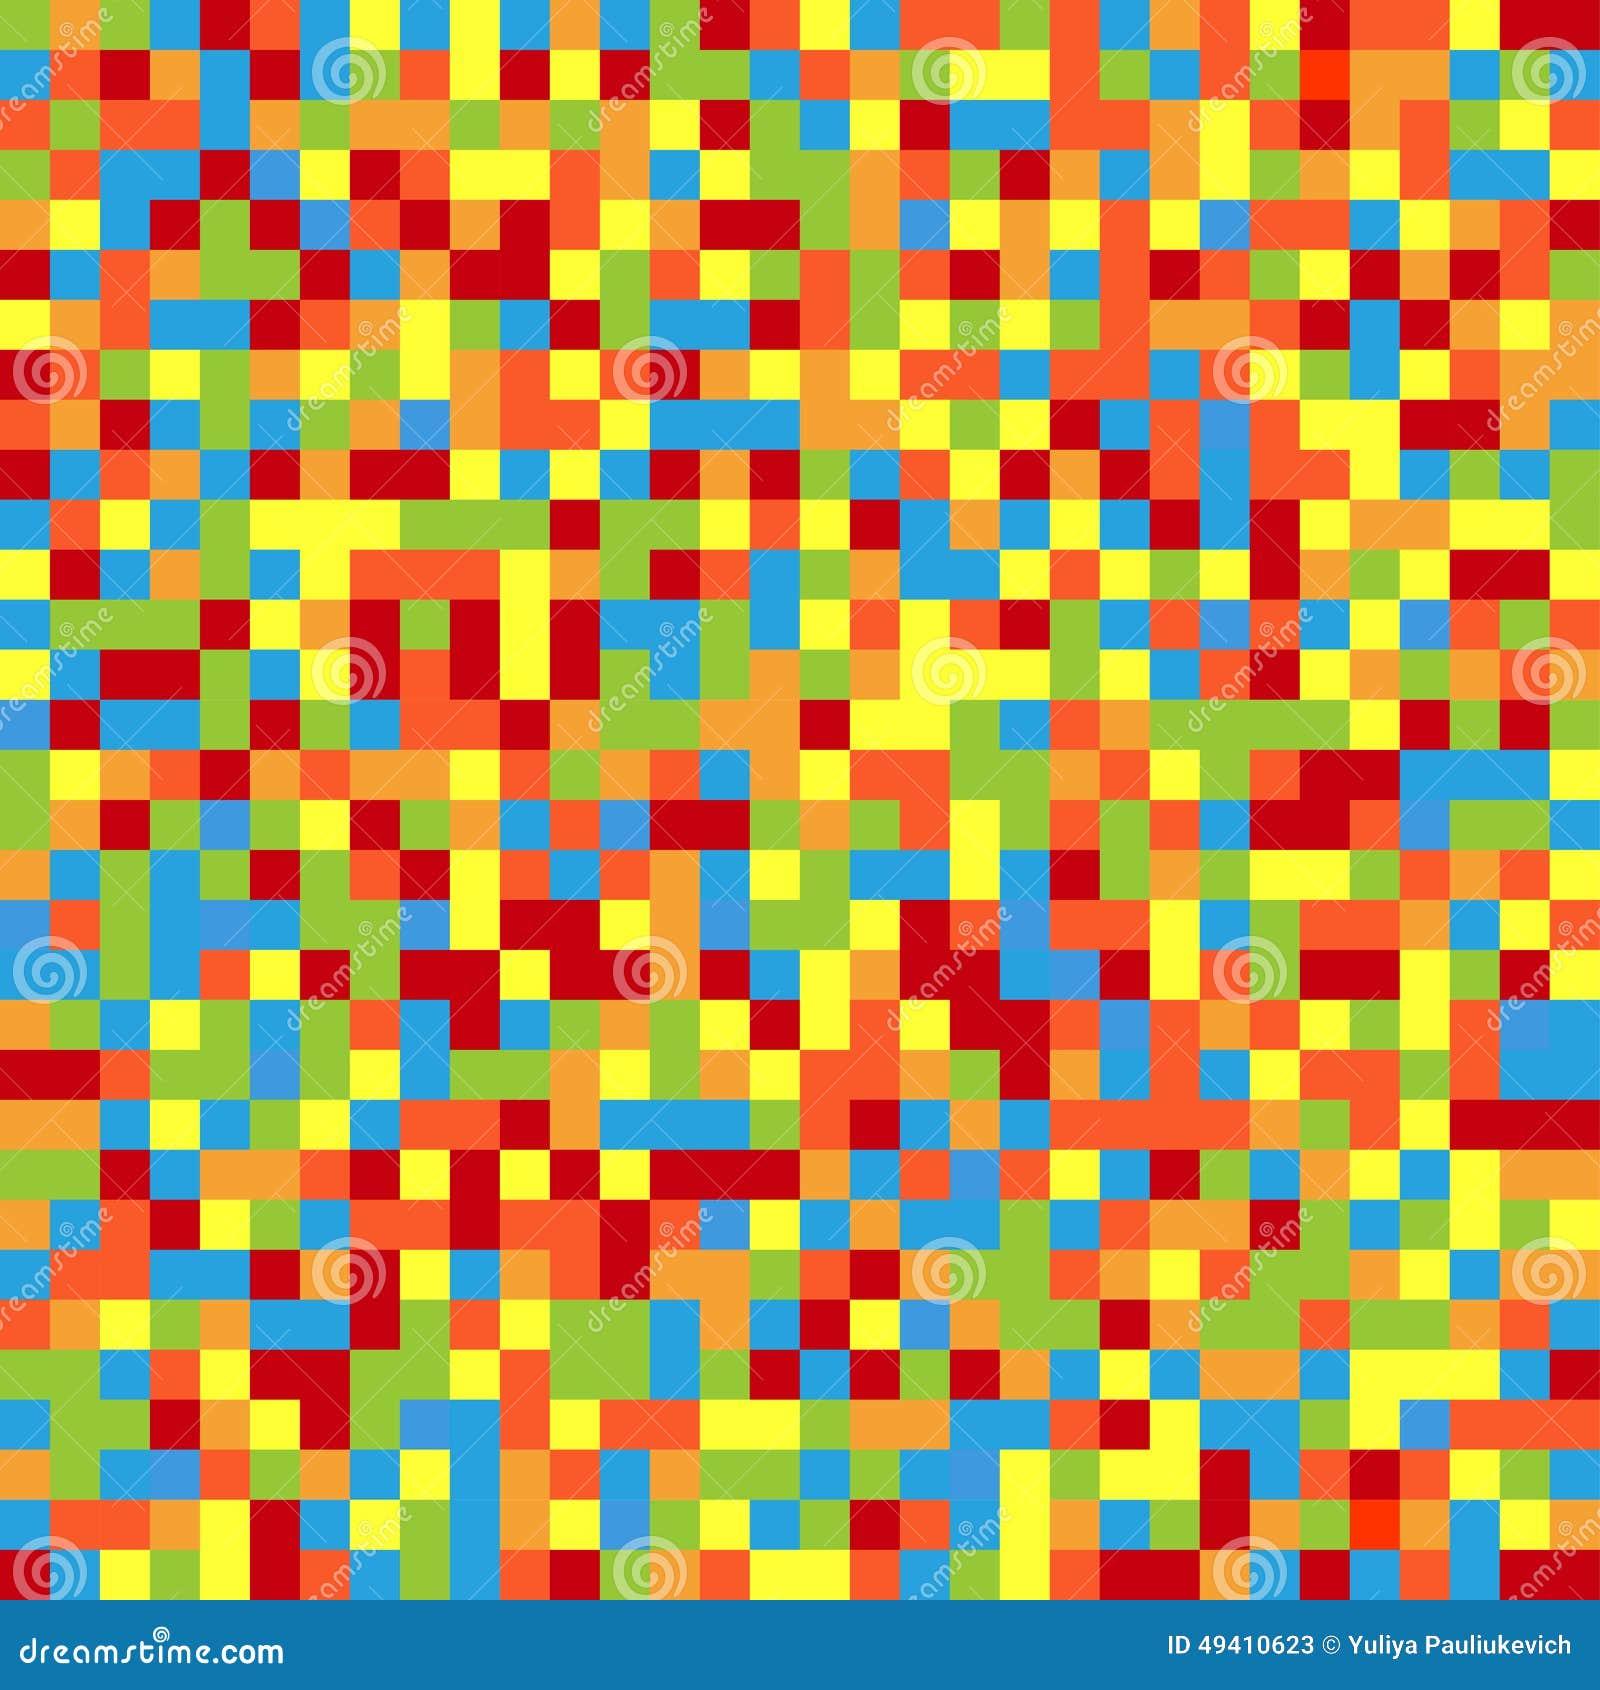 Download Bunter Pixelated Hintergrund Vektor Abbildung - Illustration von muster, geometrisch: 49410623